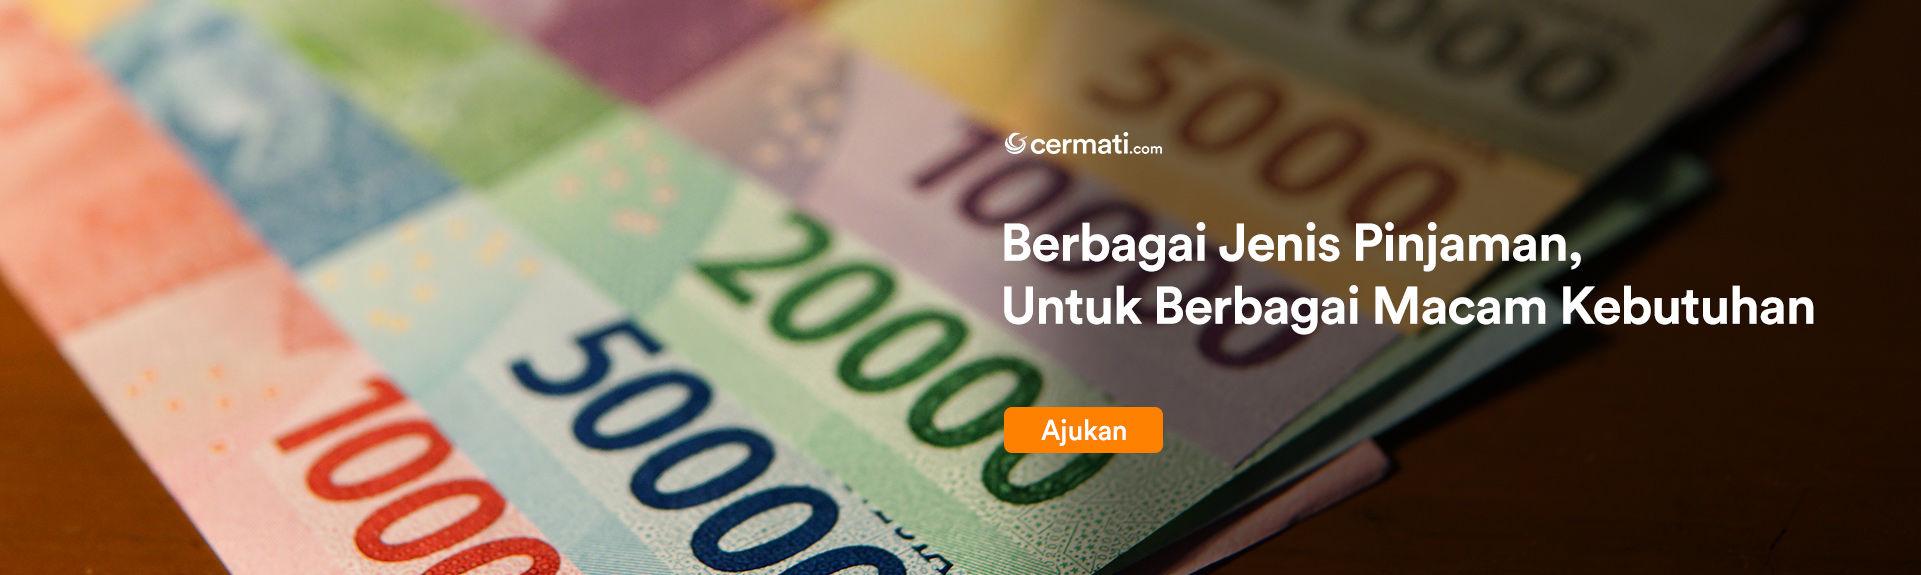 Pinjaman Online Terbaik di Indonesia